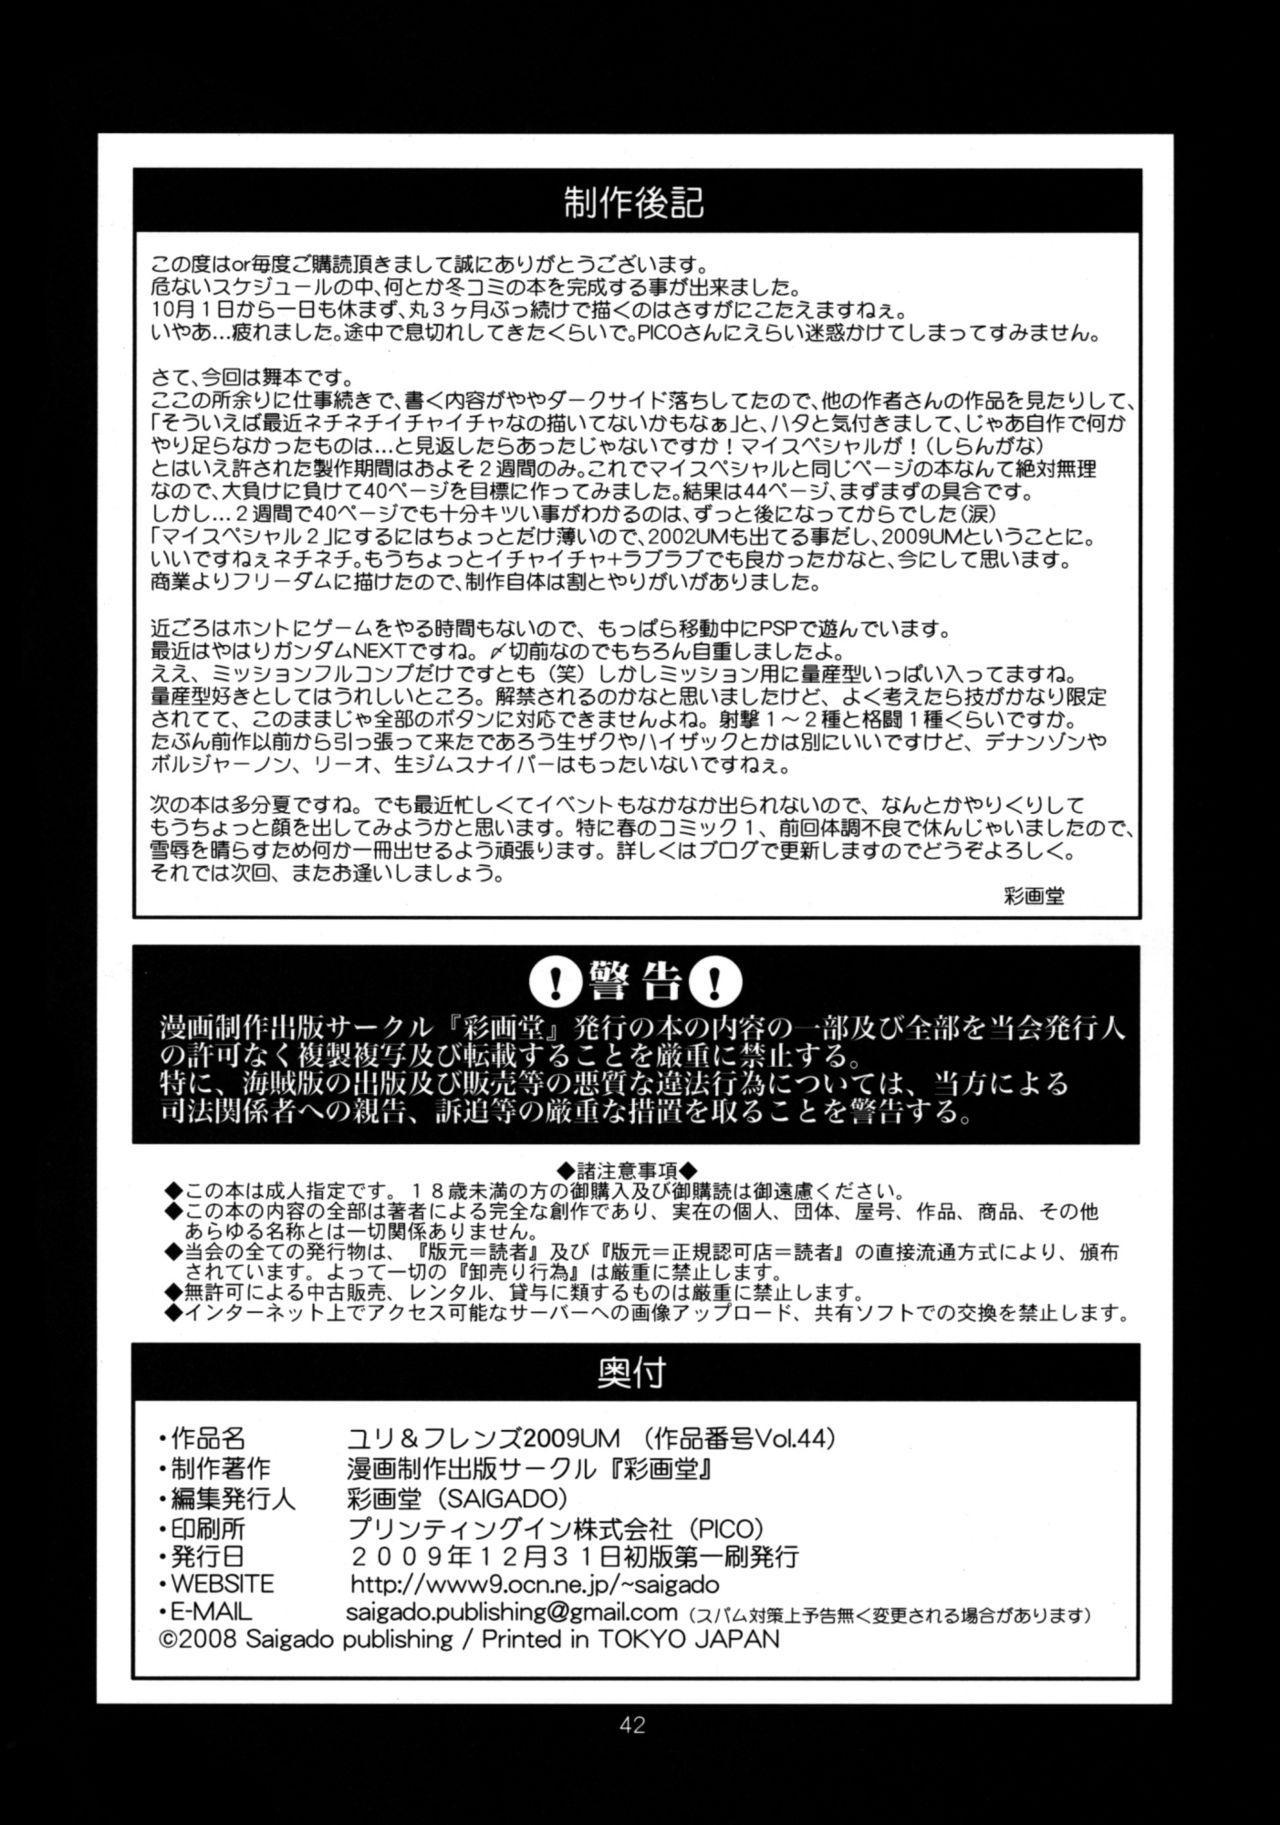 The Yuri & Friends 2009 UM - Unparticipation of Mai 38